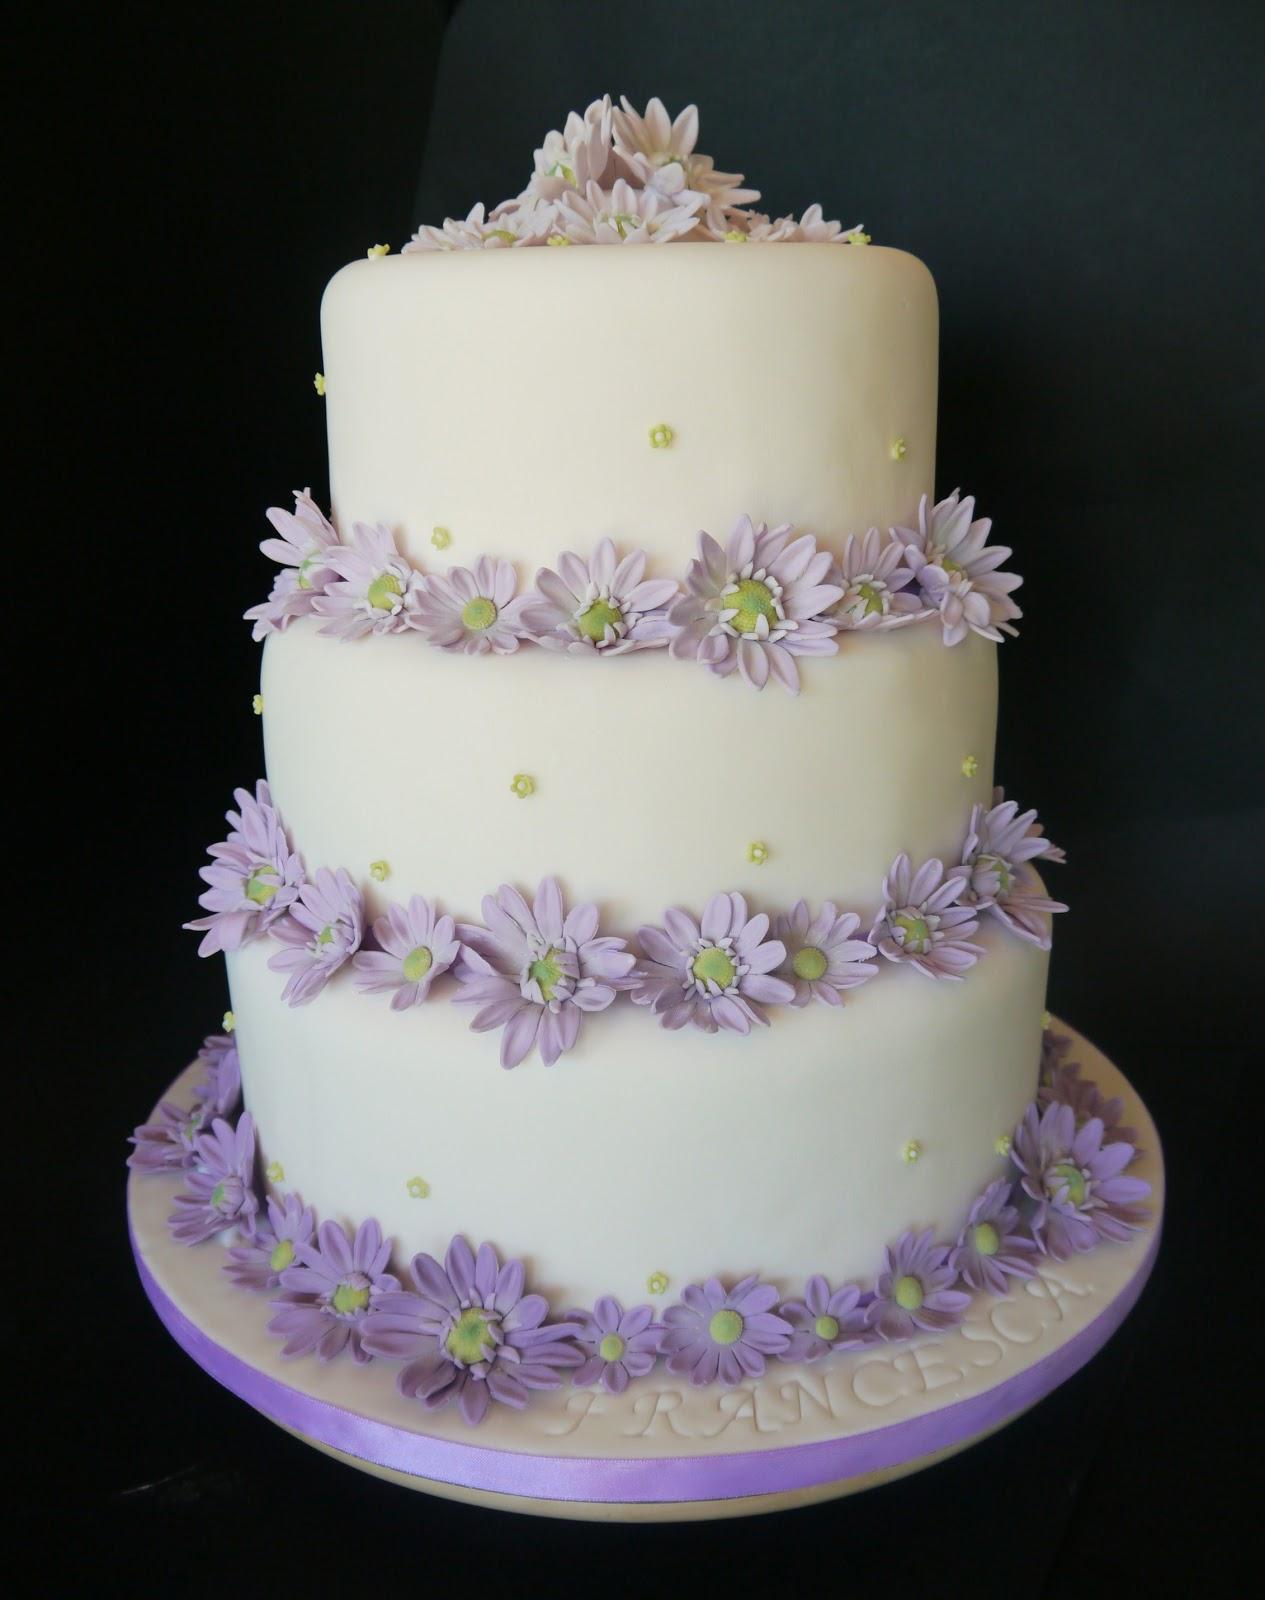 Incanto di zucchero la torta per la cresima di francesca - Decorazioni per torte di carnevale ...